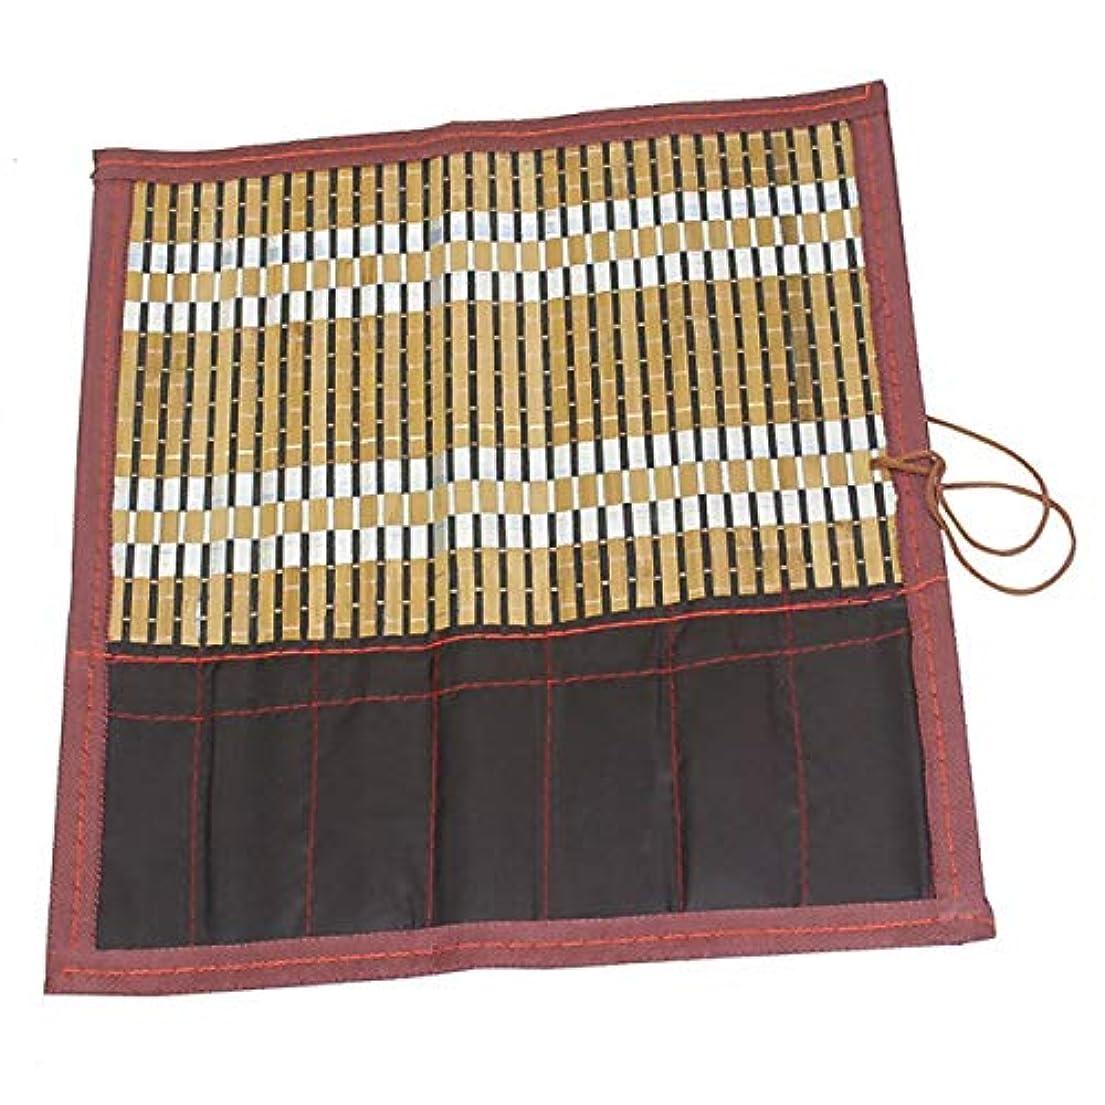 適合しましたマーカー真っ逆さま竹製 筆巻き ポケット付き書道